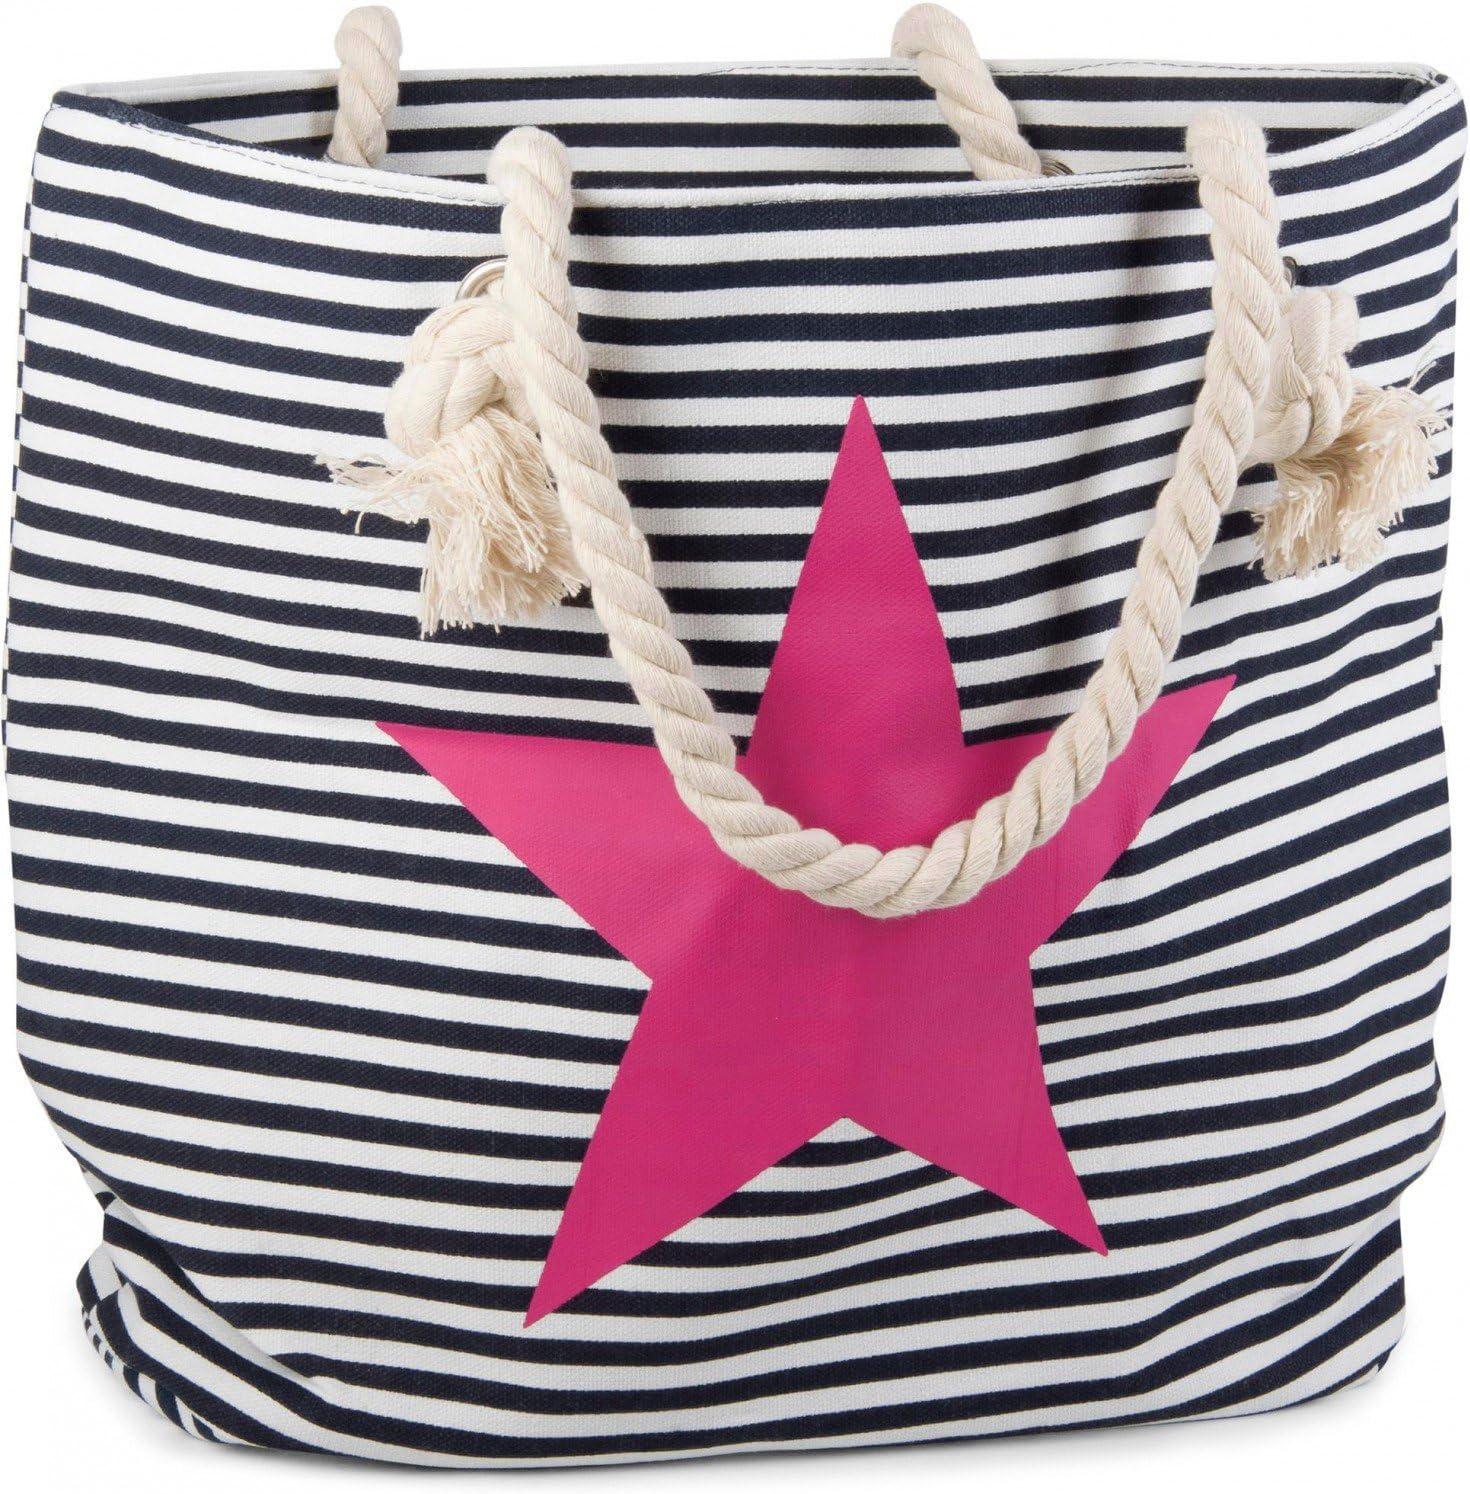 Schultertasche Damen 02012037 styleBREAKER Strandtasche in Streifen Optik mit Stern Shopper Farbe:Blau-Wei/ß//Gold